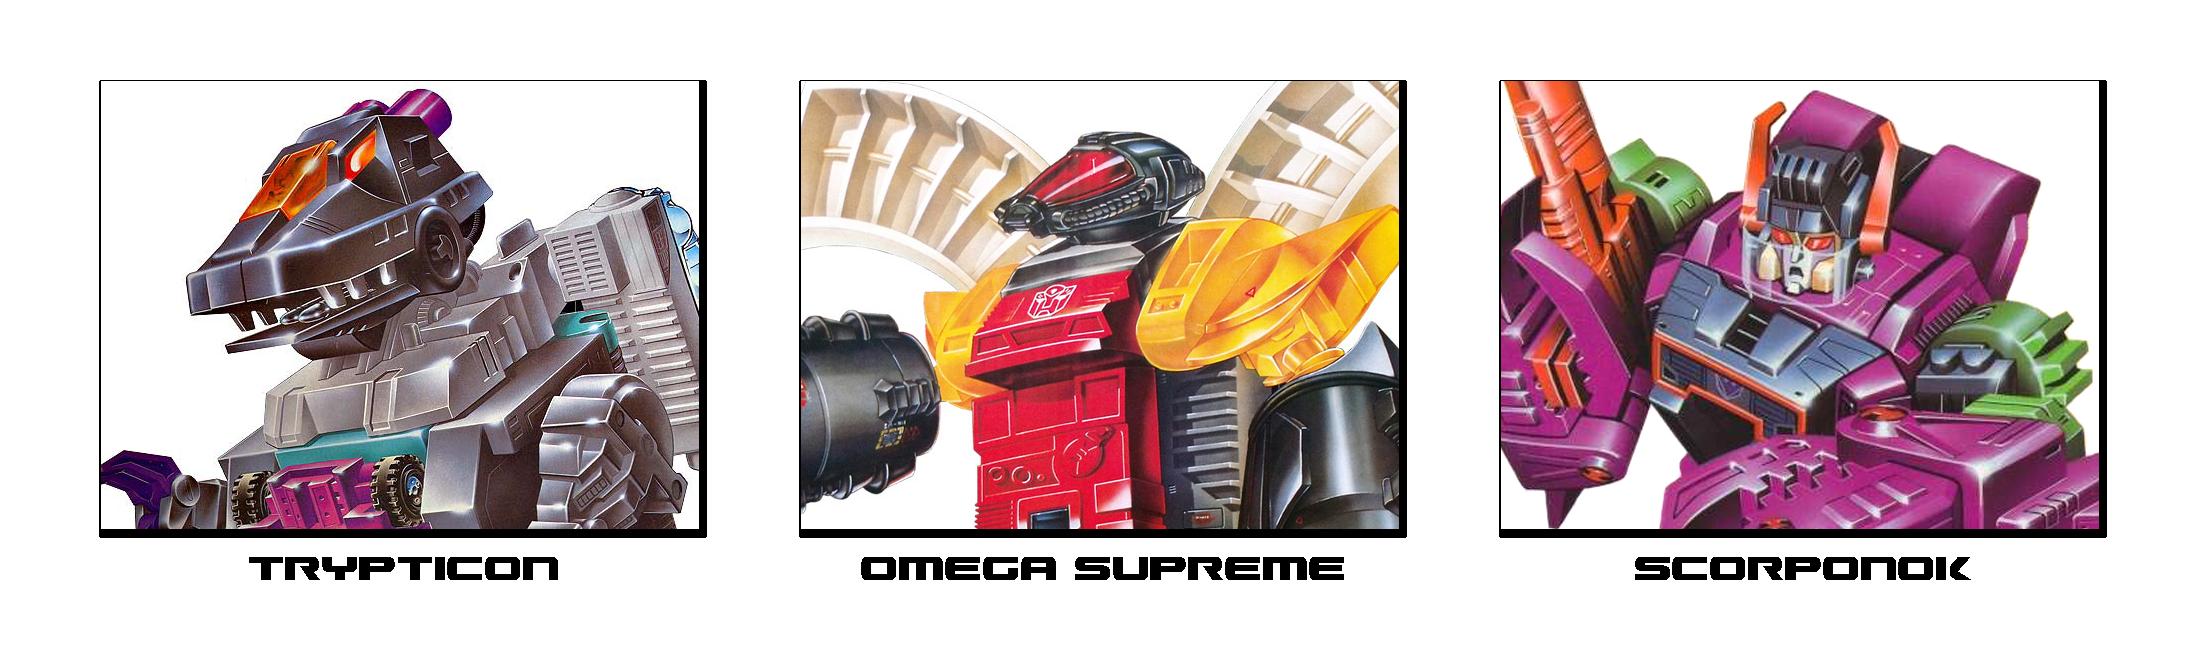 Jouets Transformers Generations: Nouveautés Hasbro - Page 21 2015-fan-vote